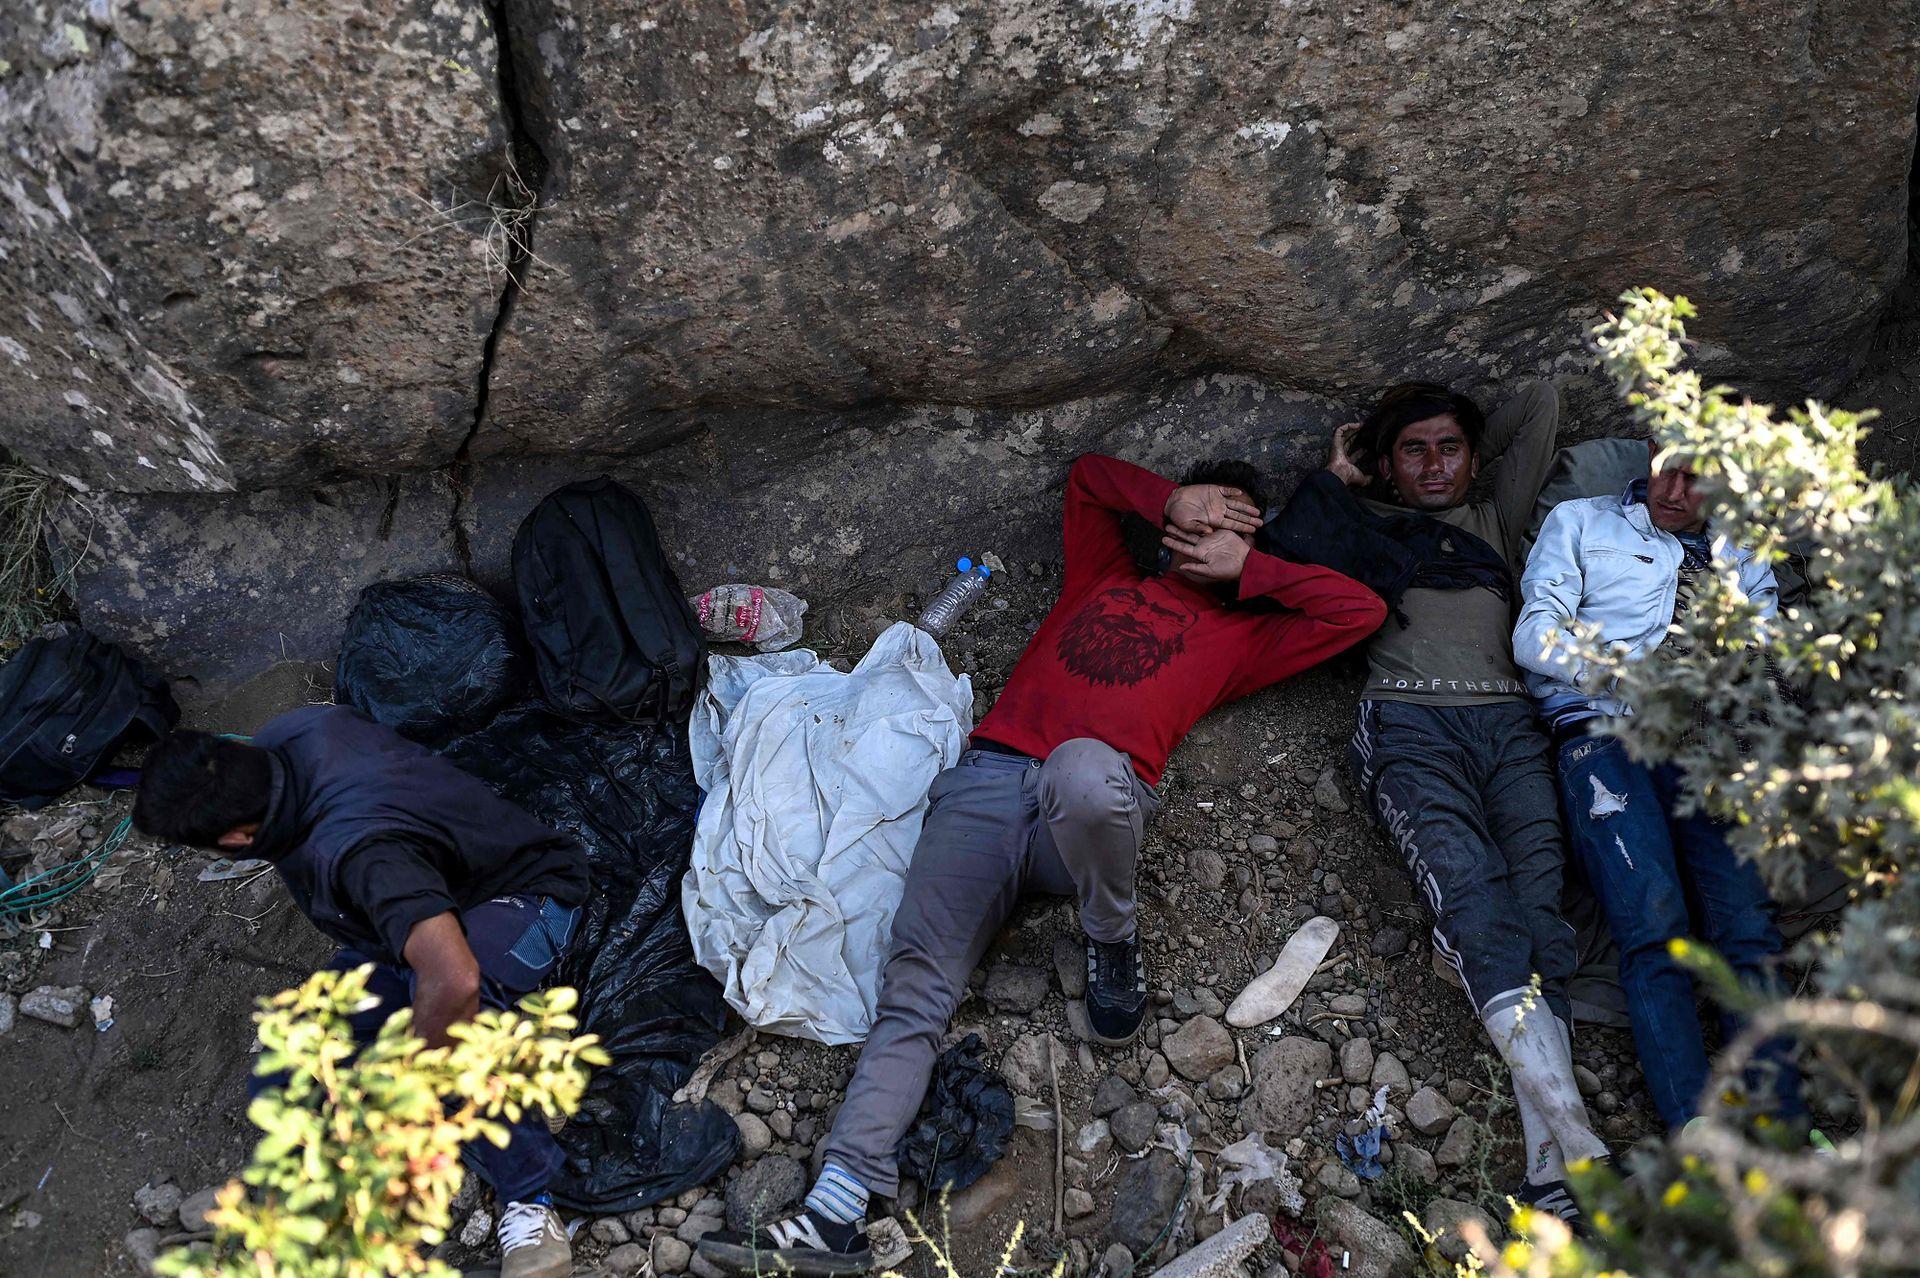 Durante el día los migrantes se esconden y descansan y por la noche se camina hacia la frontera huyendo de los talibanes